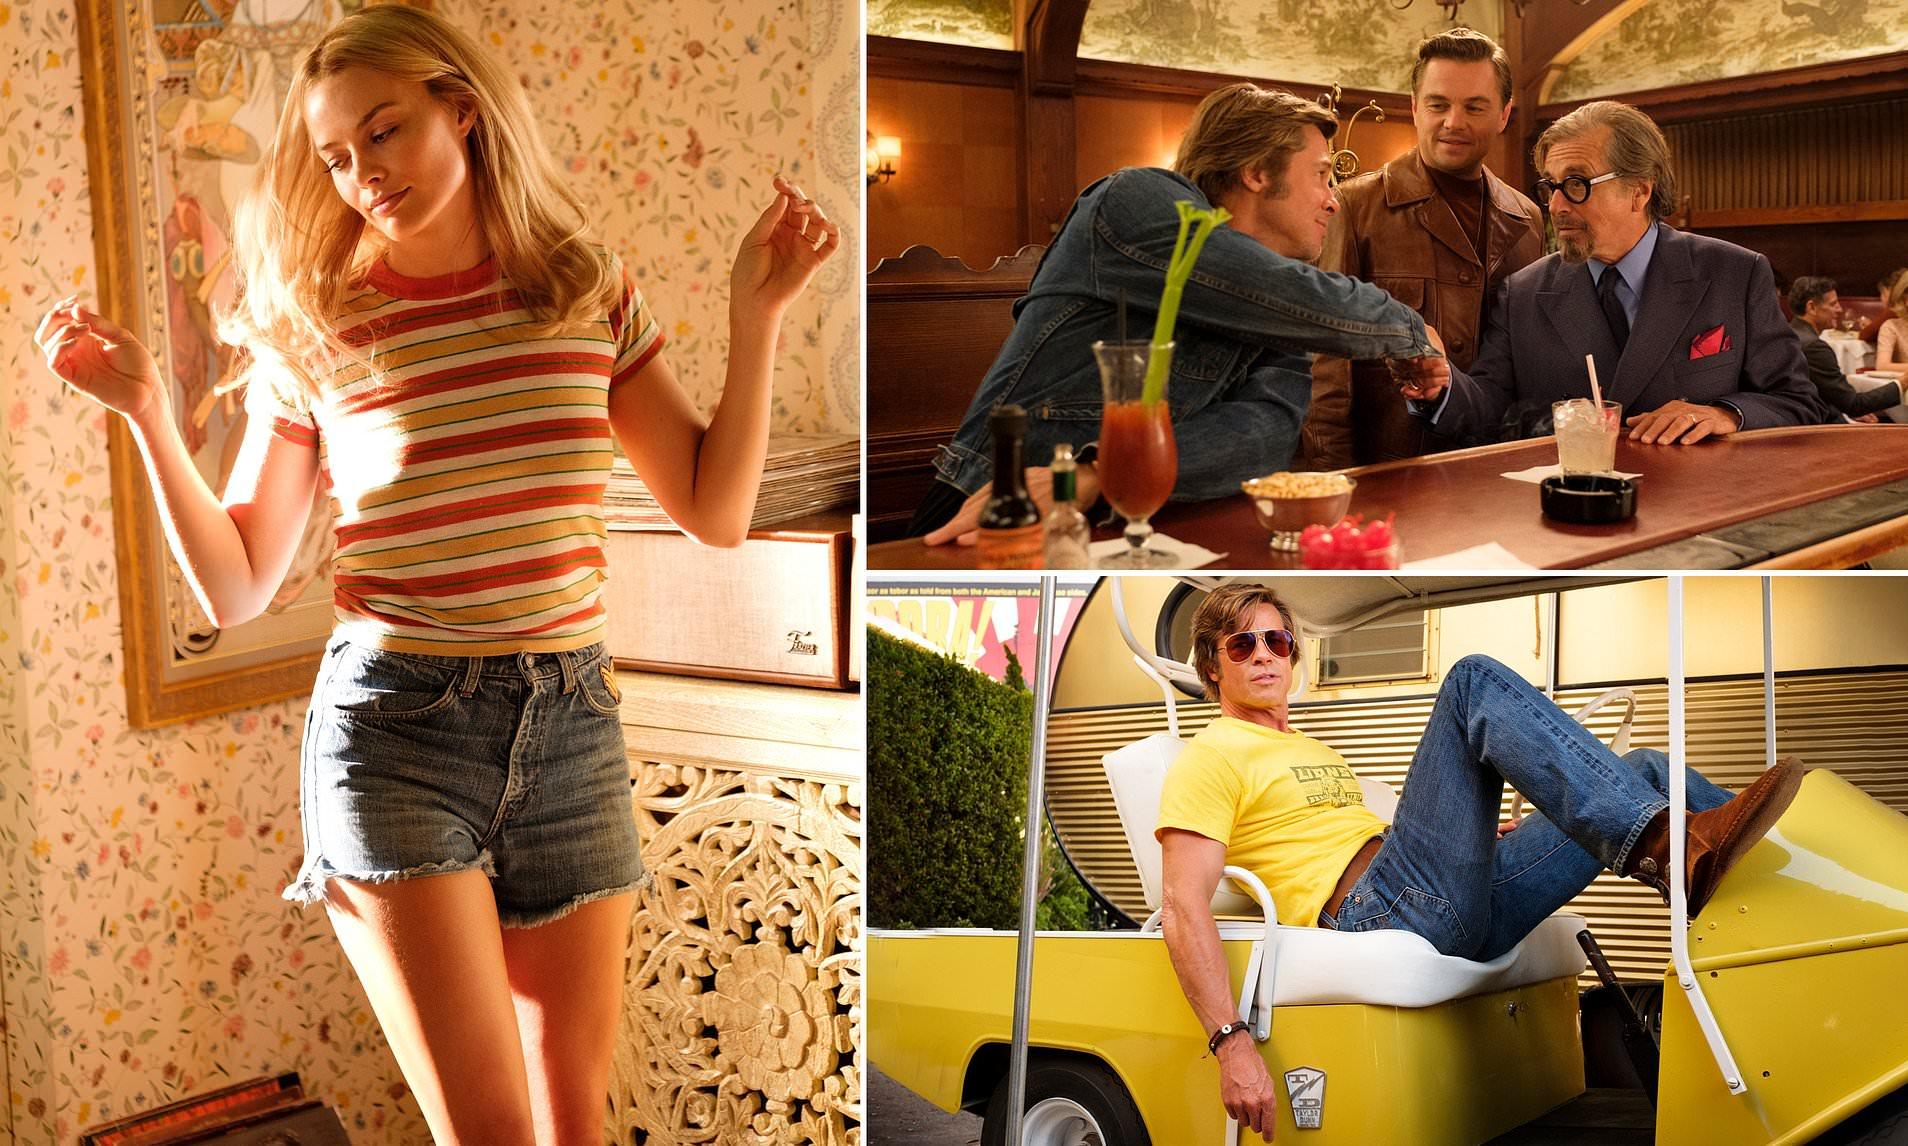 Phong cách thời trang thập niên 70's của Leonardo và Brad Pitt trong Chuyện ngày xưa ở… Hollywood (1)